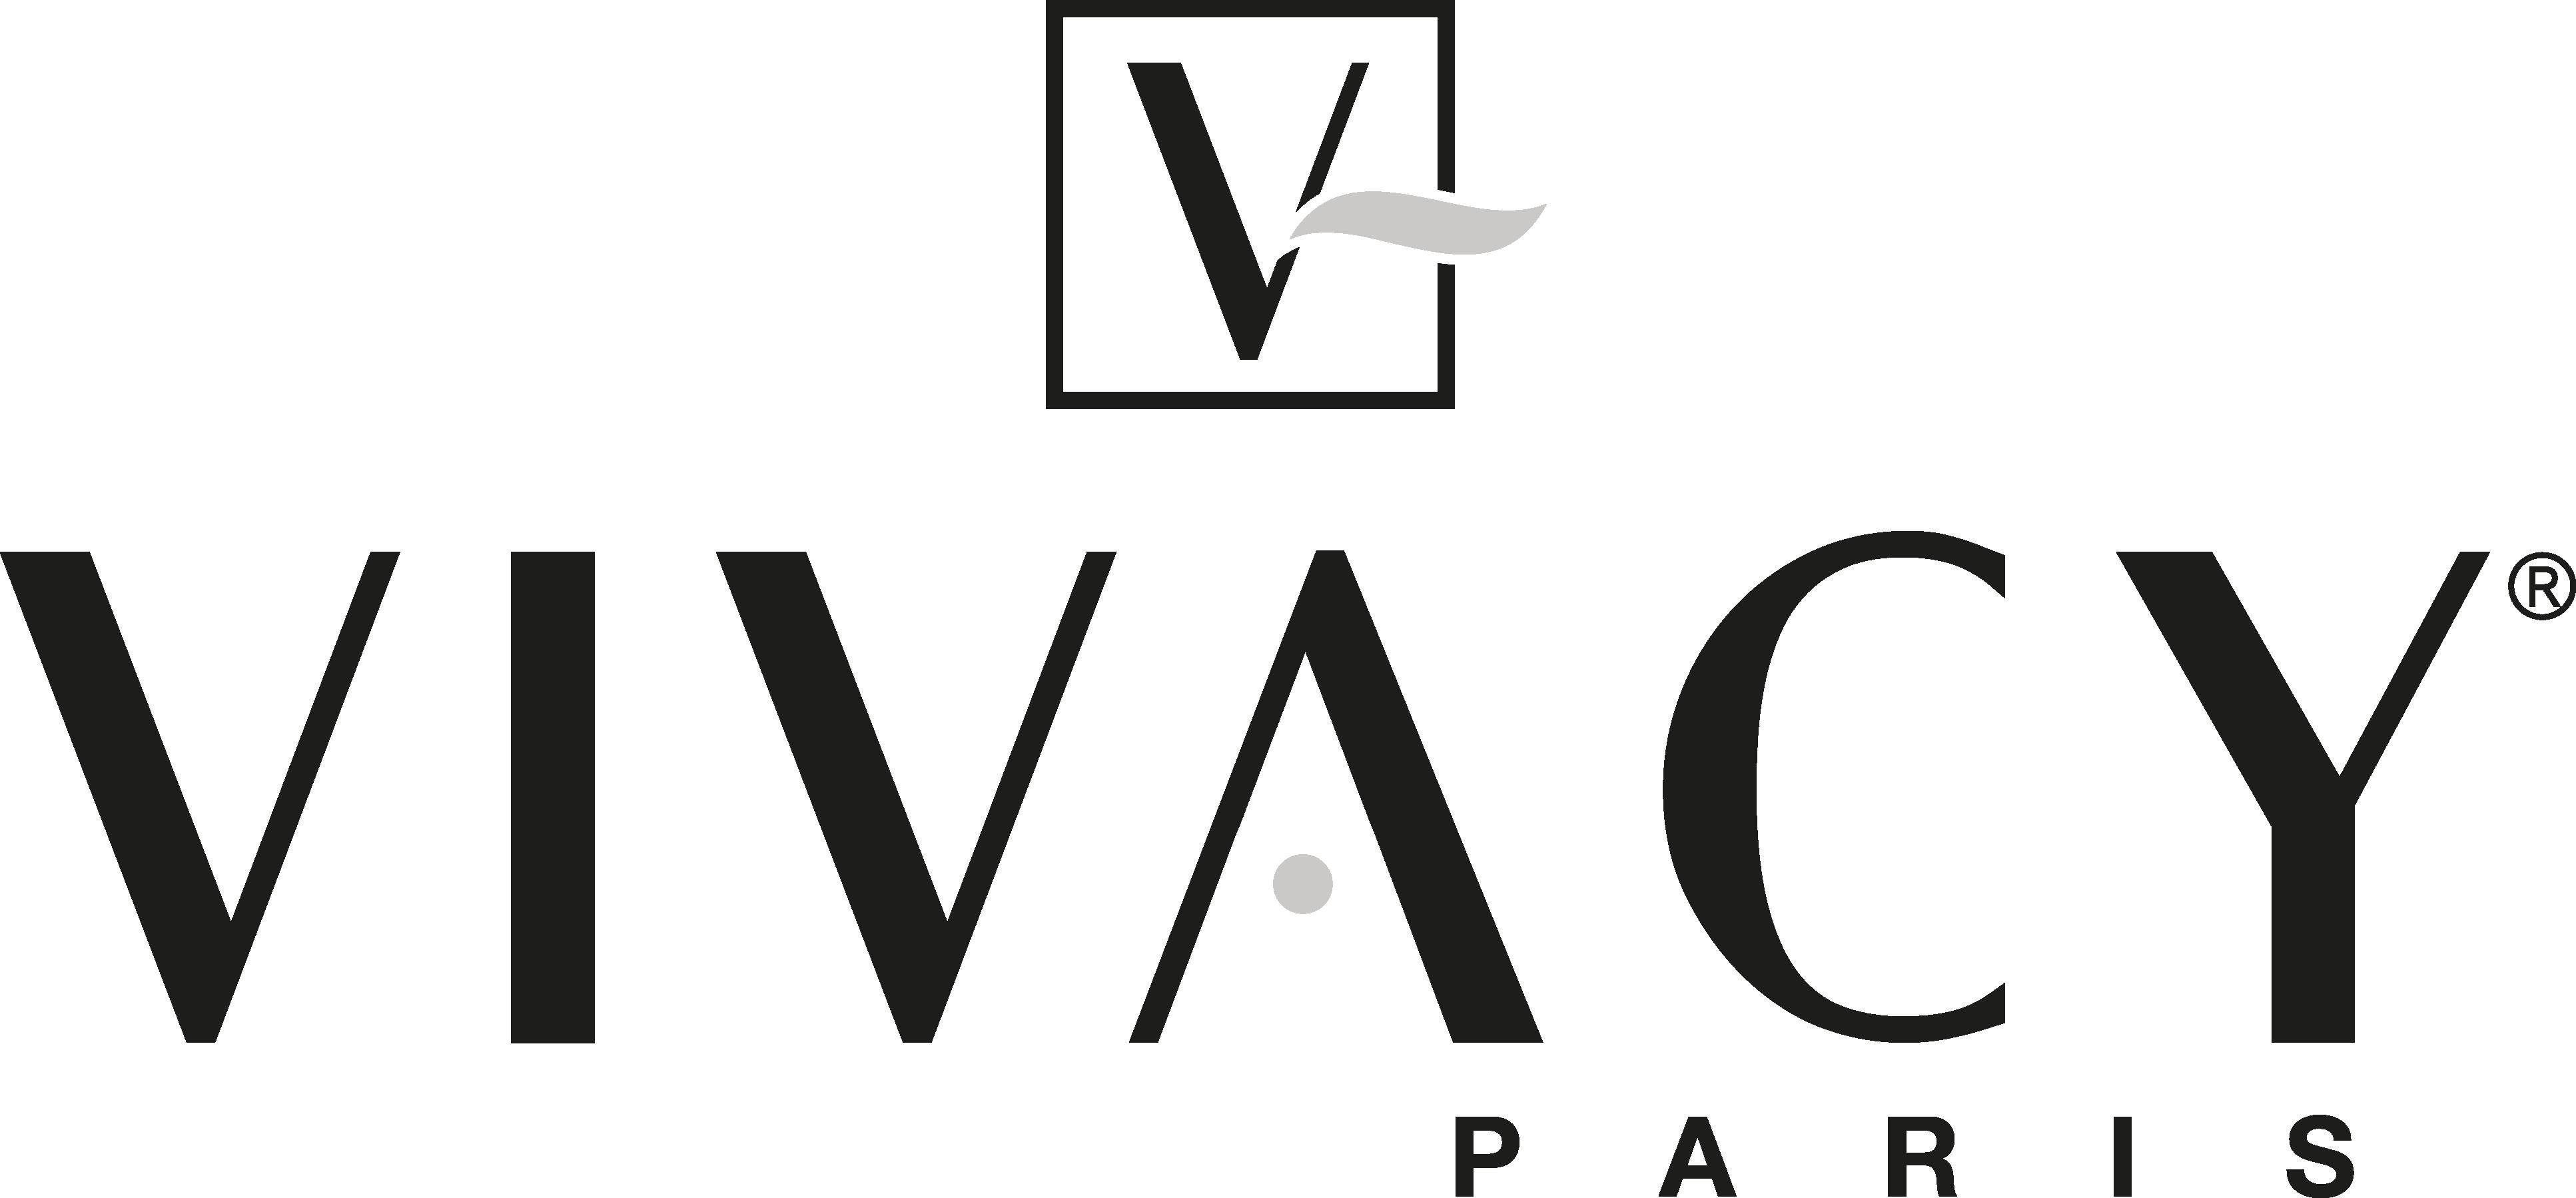 Laboratoires VIVACY